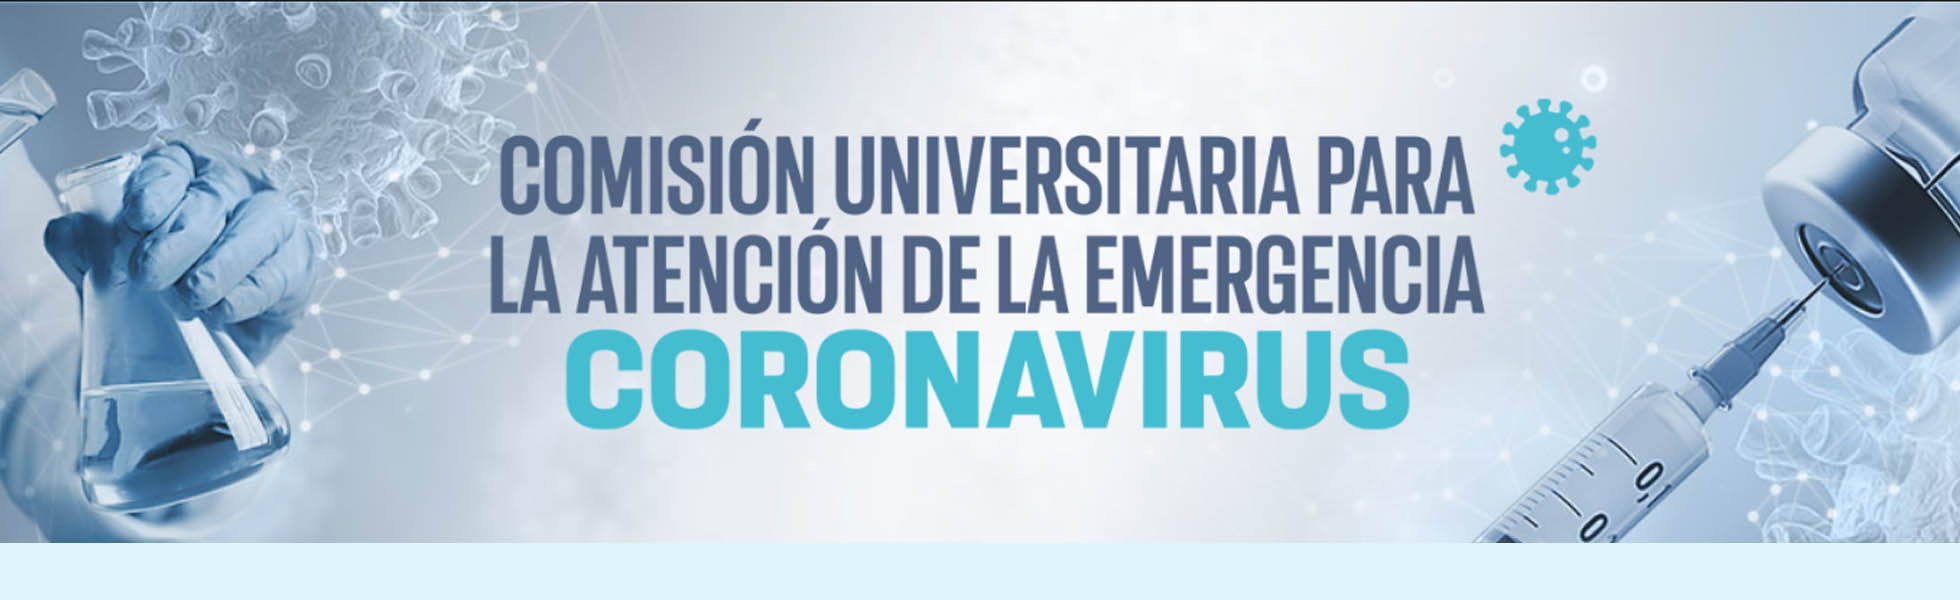 #UNAMOSACCIONESCONTRALACOVID19